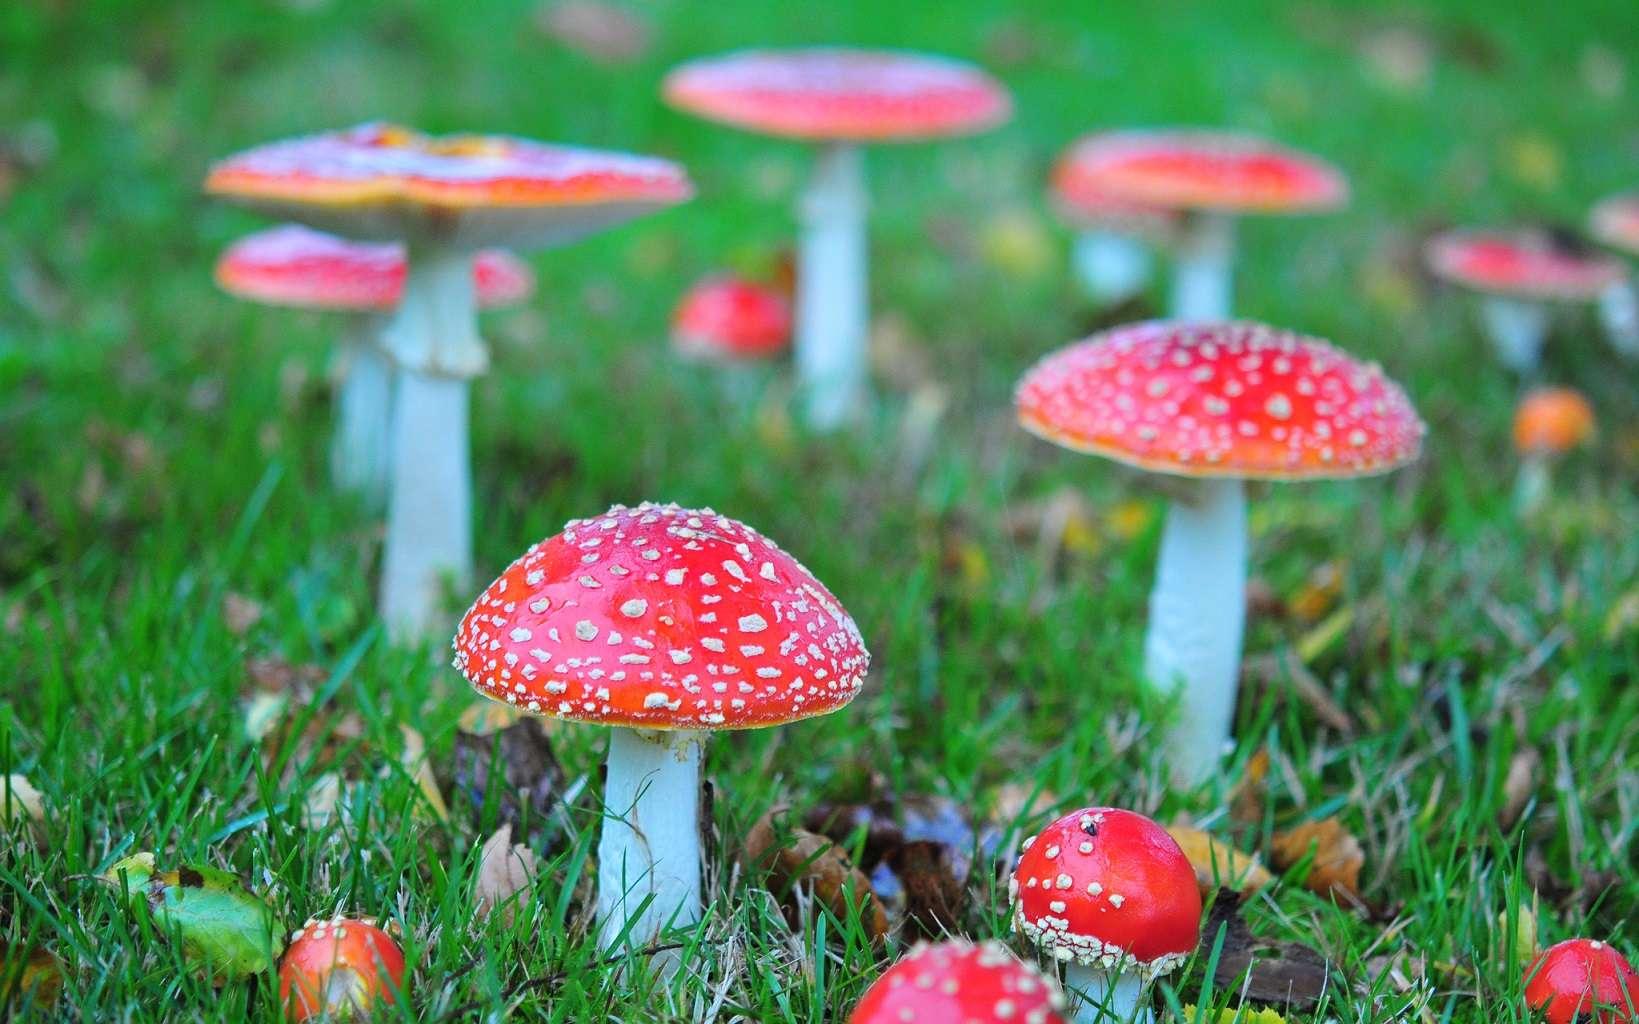 L'amanite tue-mouches est un champignon aux propriétés hallucinogènes. © julochka, Flickr, CC by-nc 2.0